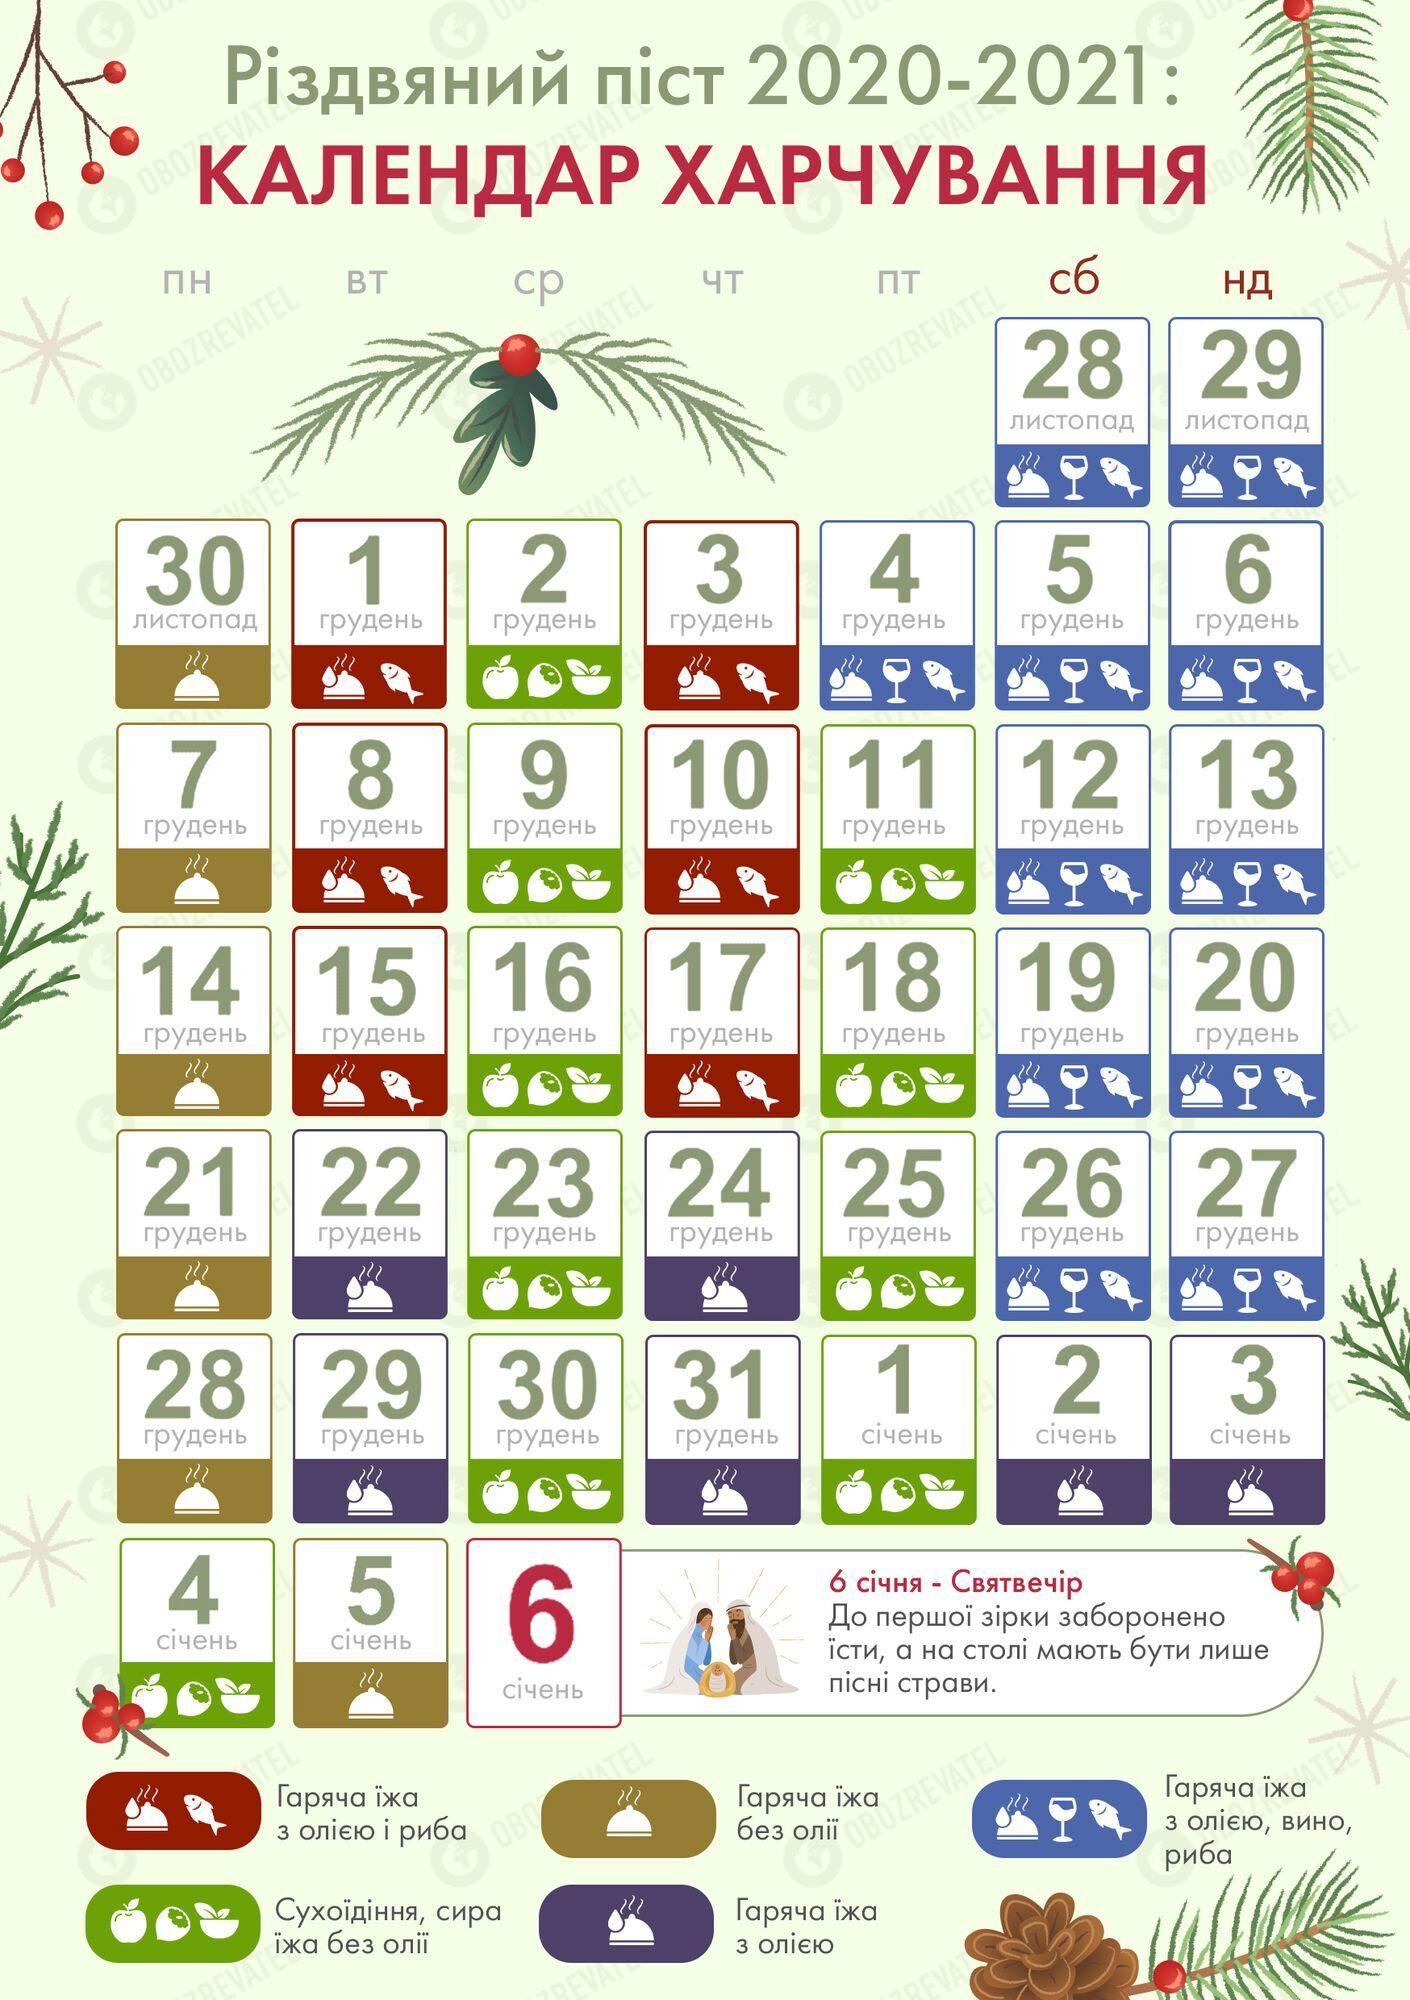 Календар харчування в Різдвяний піст: основу меню складають овочі, каші, гриби і бобові